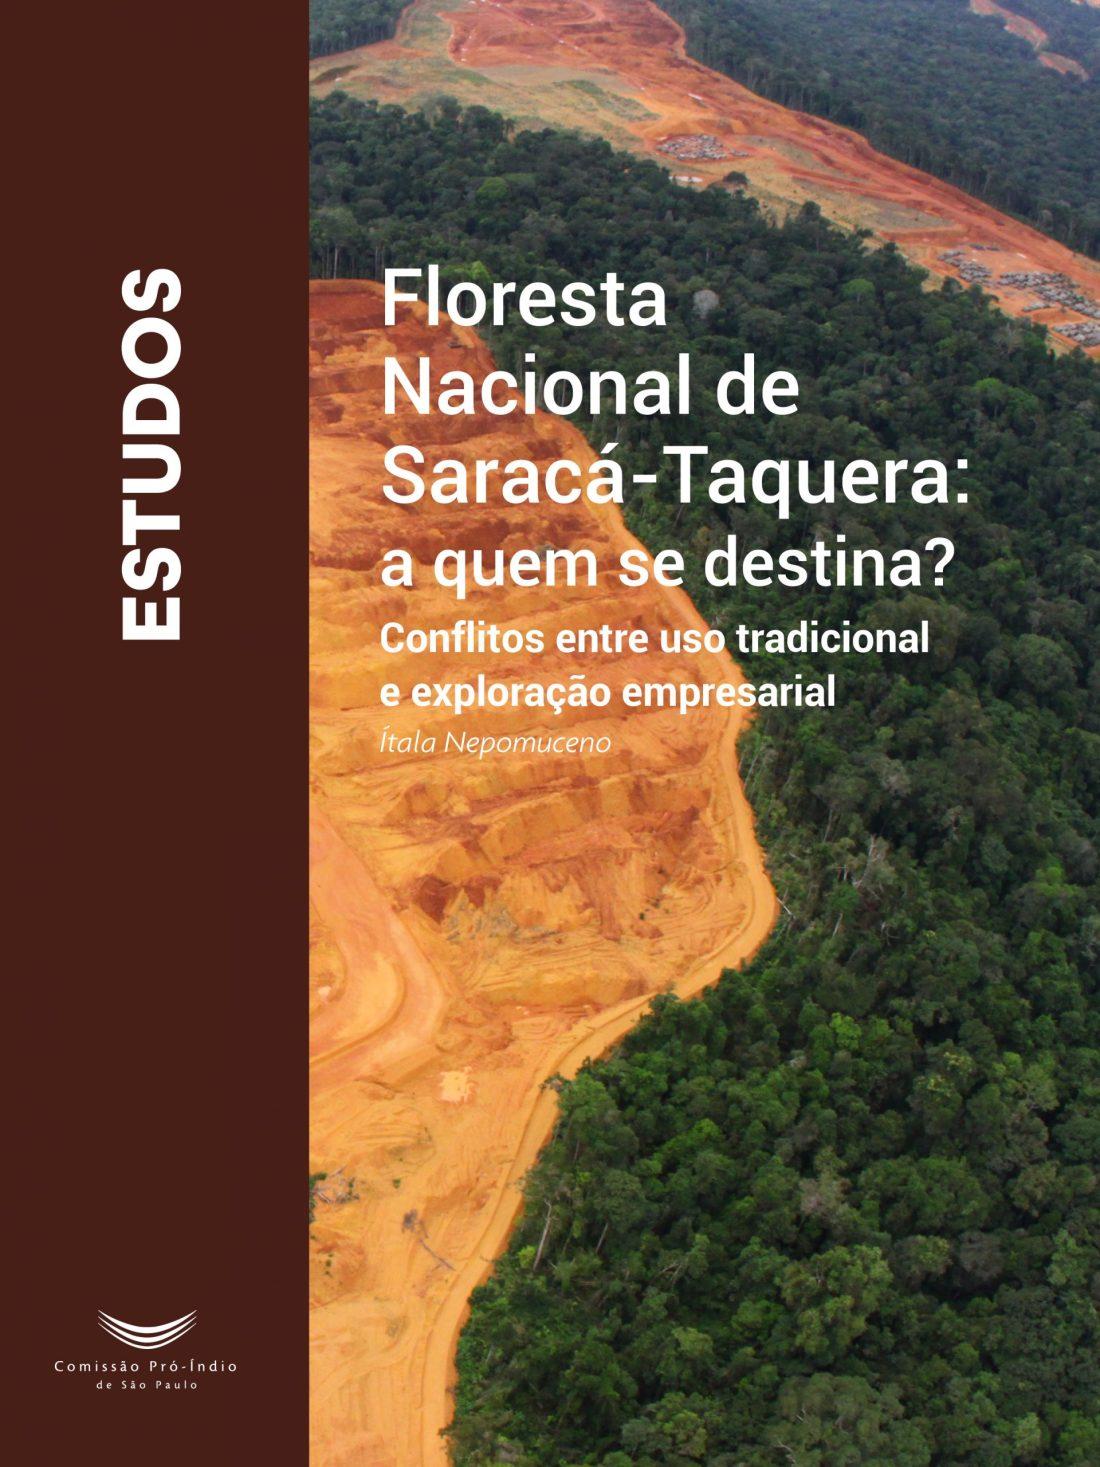 """Capa do livro """"Floresta Nacional de Saracá-Taquera: a quem se destina? Conflitos entre uso tradicional e exploração empresarial"""""""